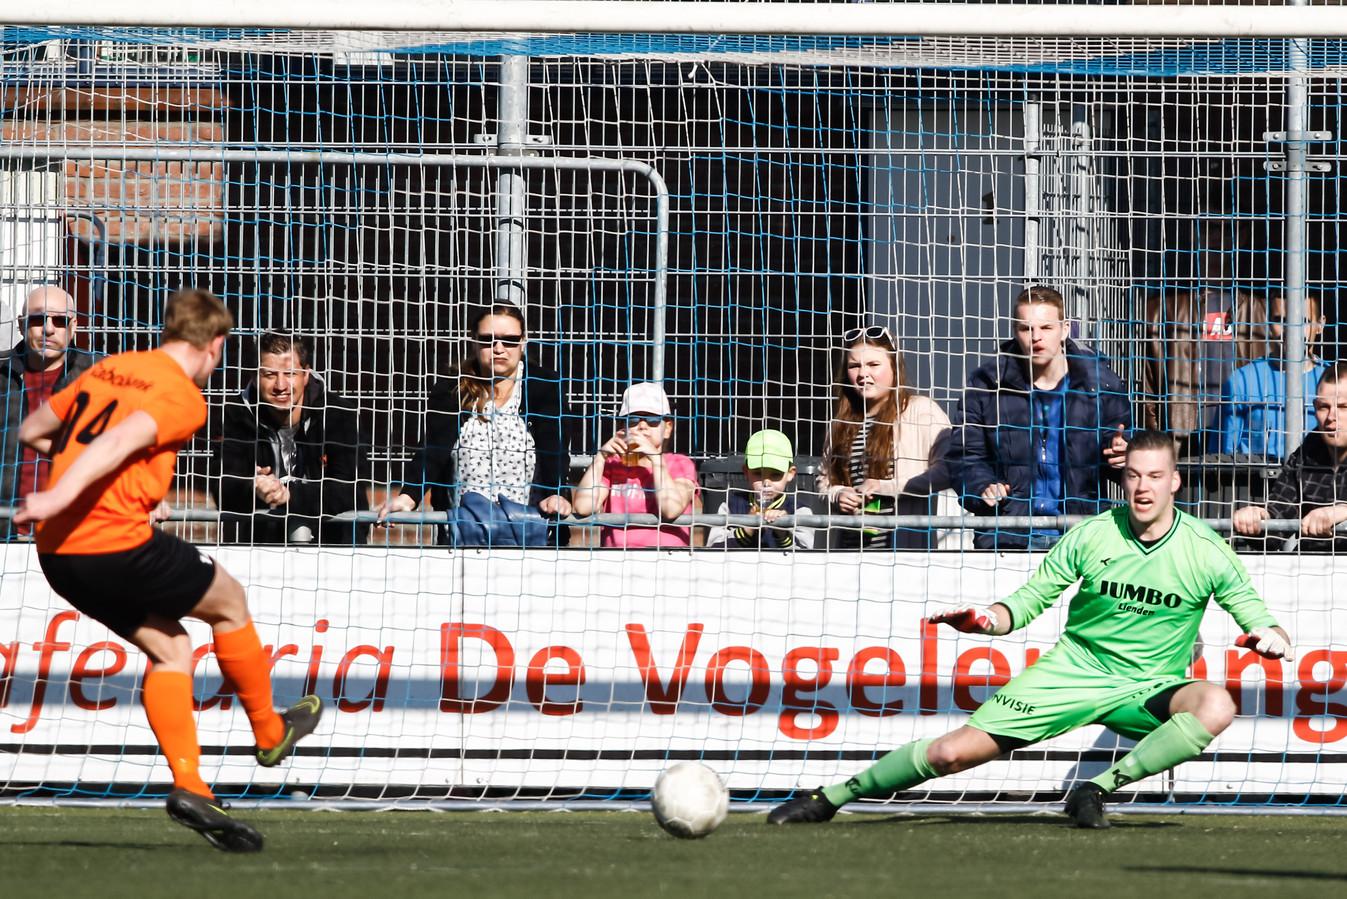 FC Lienden-doelman Jan Schimmel: ,,In een joggingbroek zul je mij niet zien keepen.''